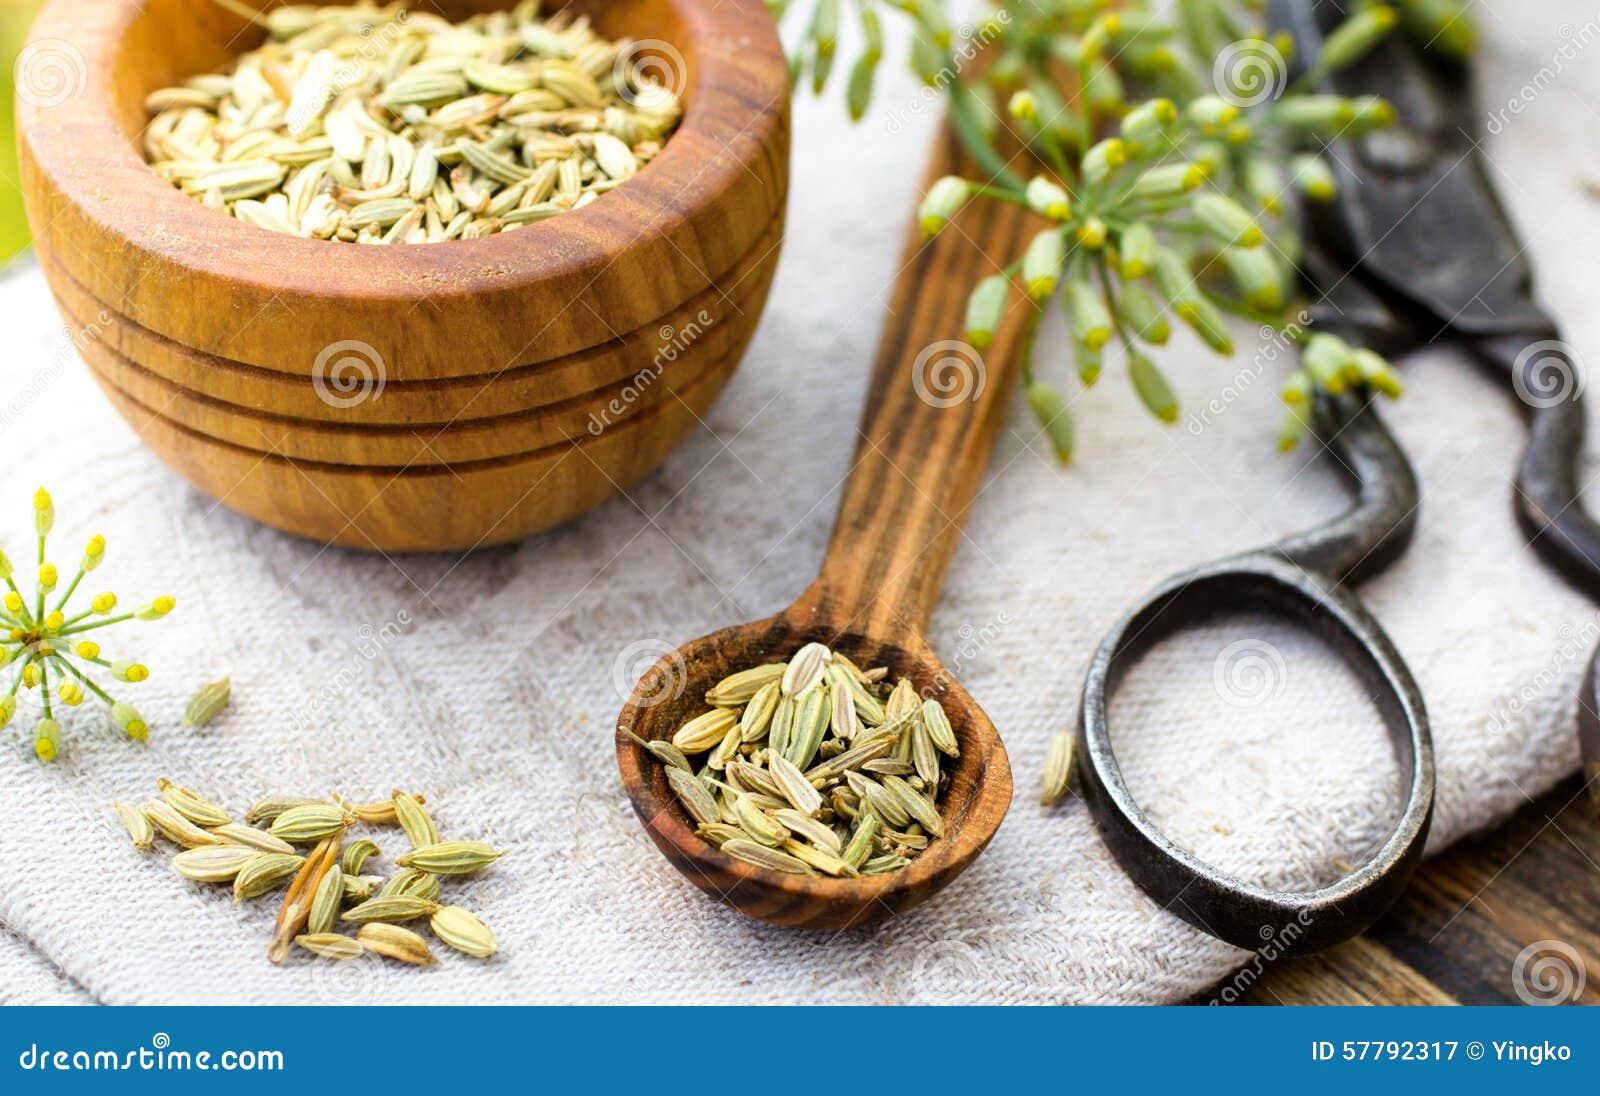 Sementes de erva-doce na colher